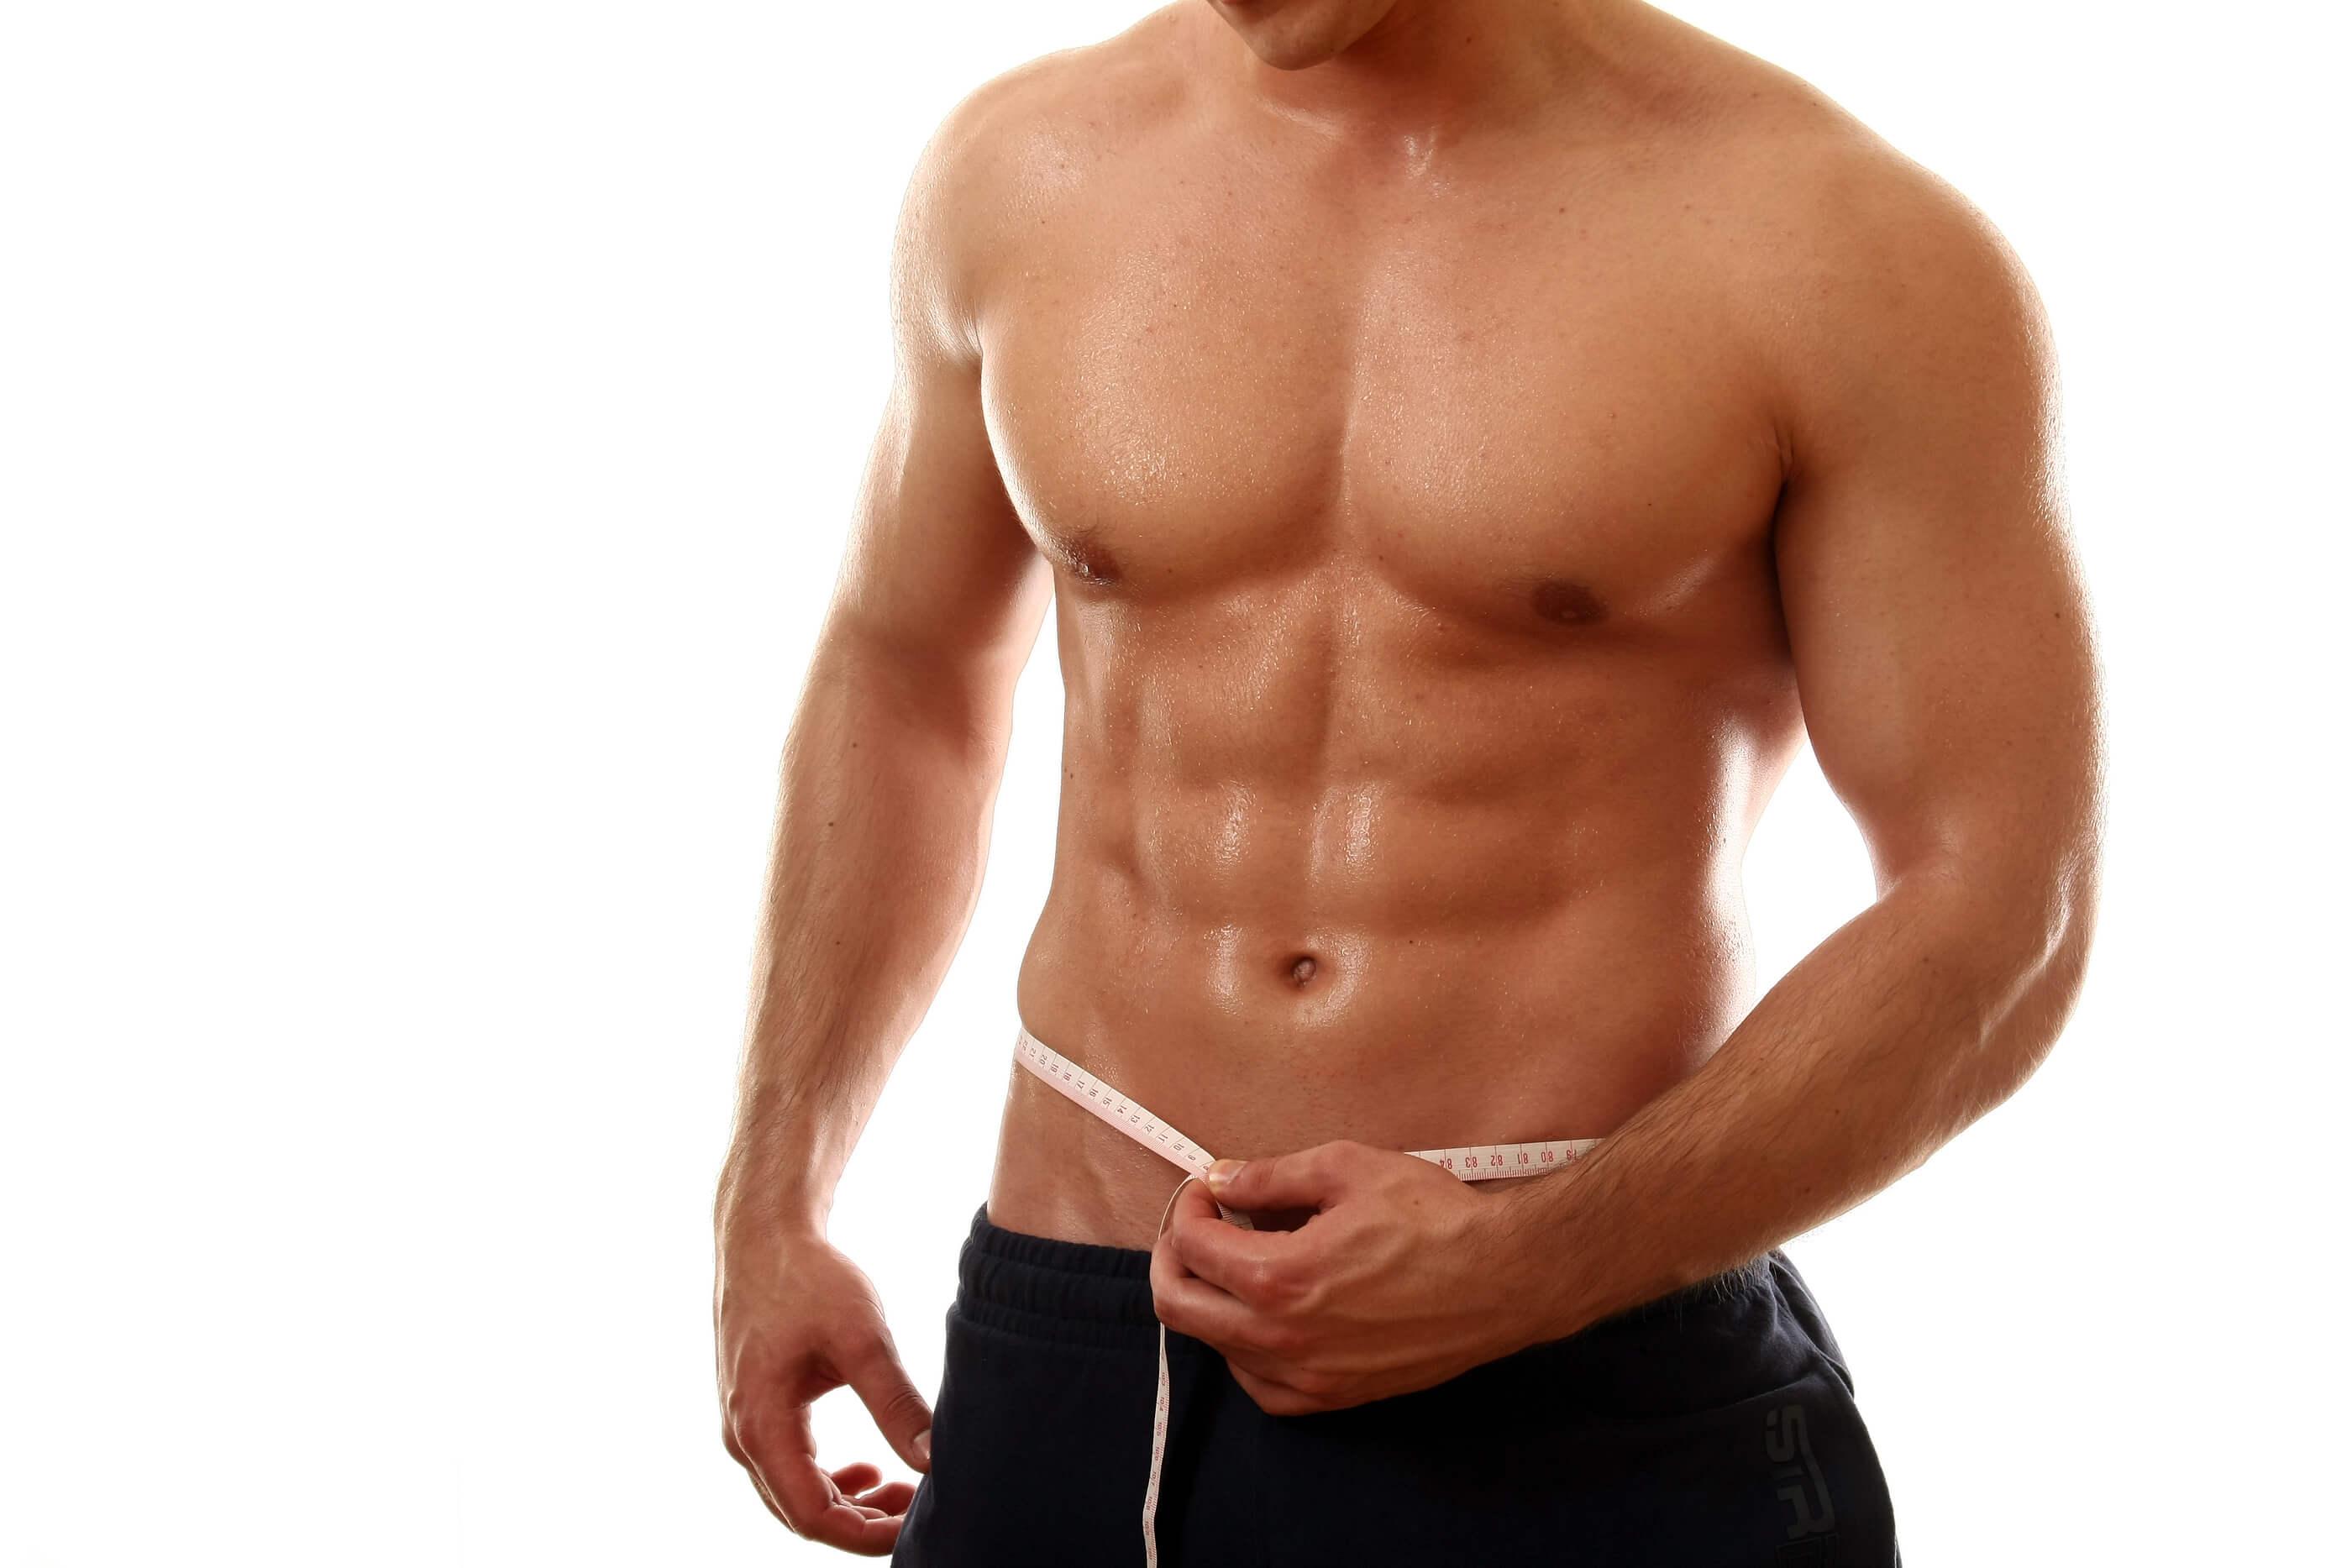 Como obtener un abdomen plano y tonificado